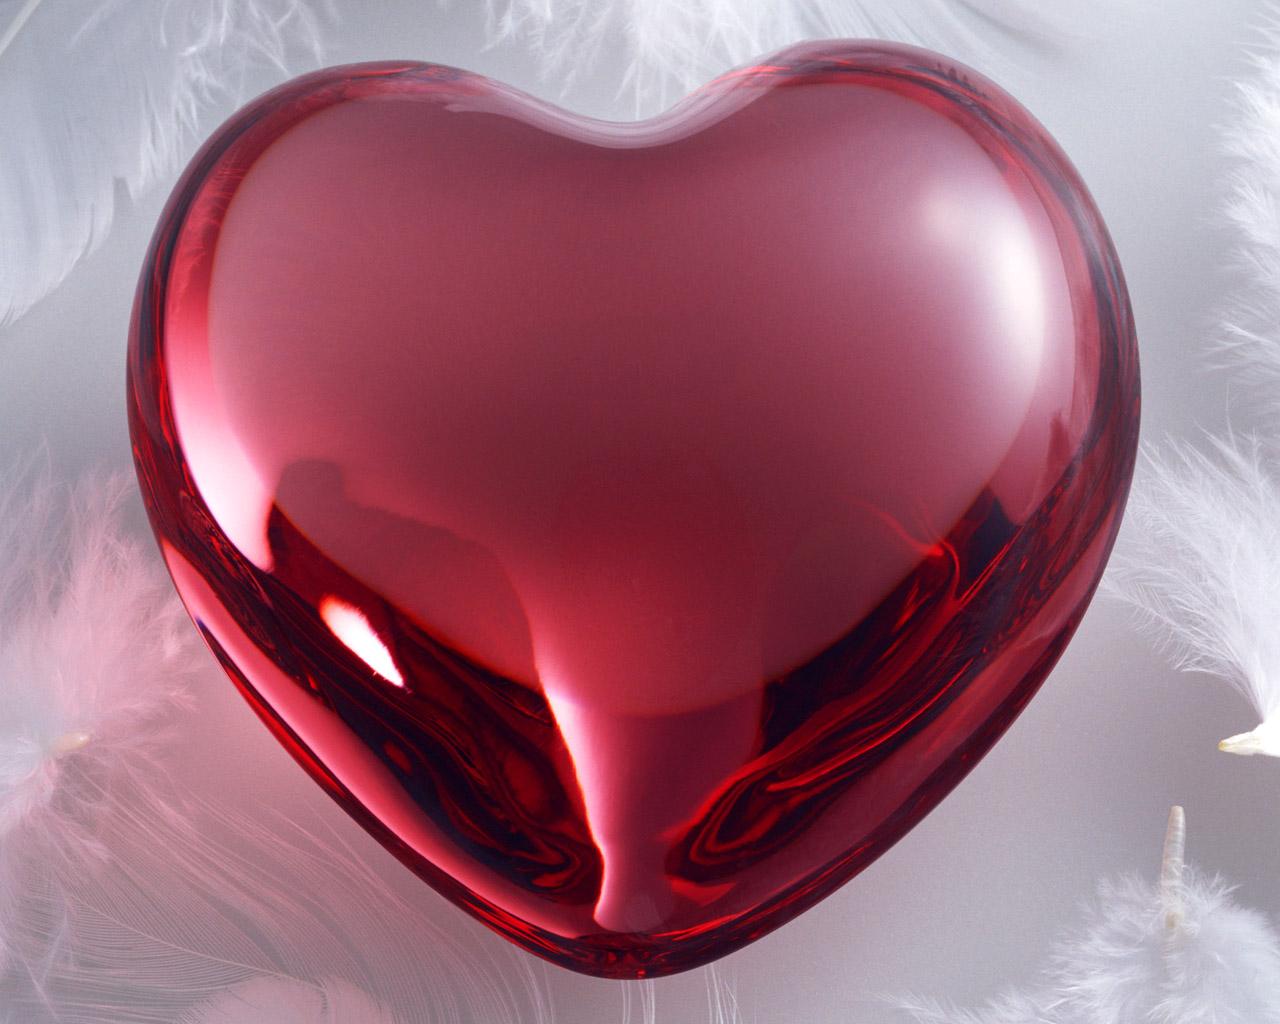 Hotmauli Adina Riska Haloho: Sejarah Valentine